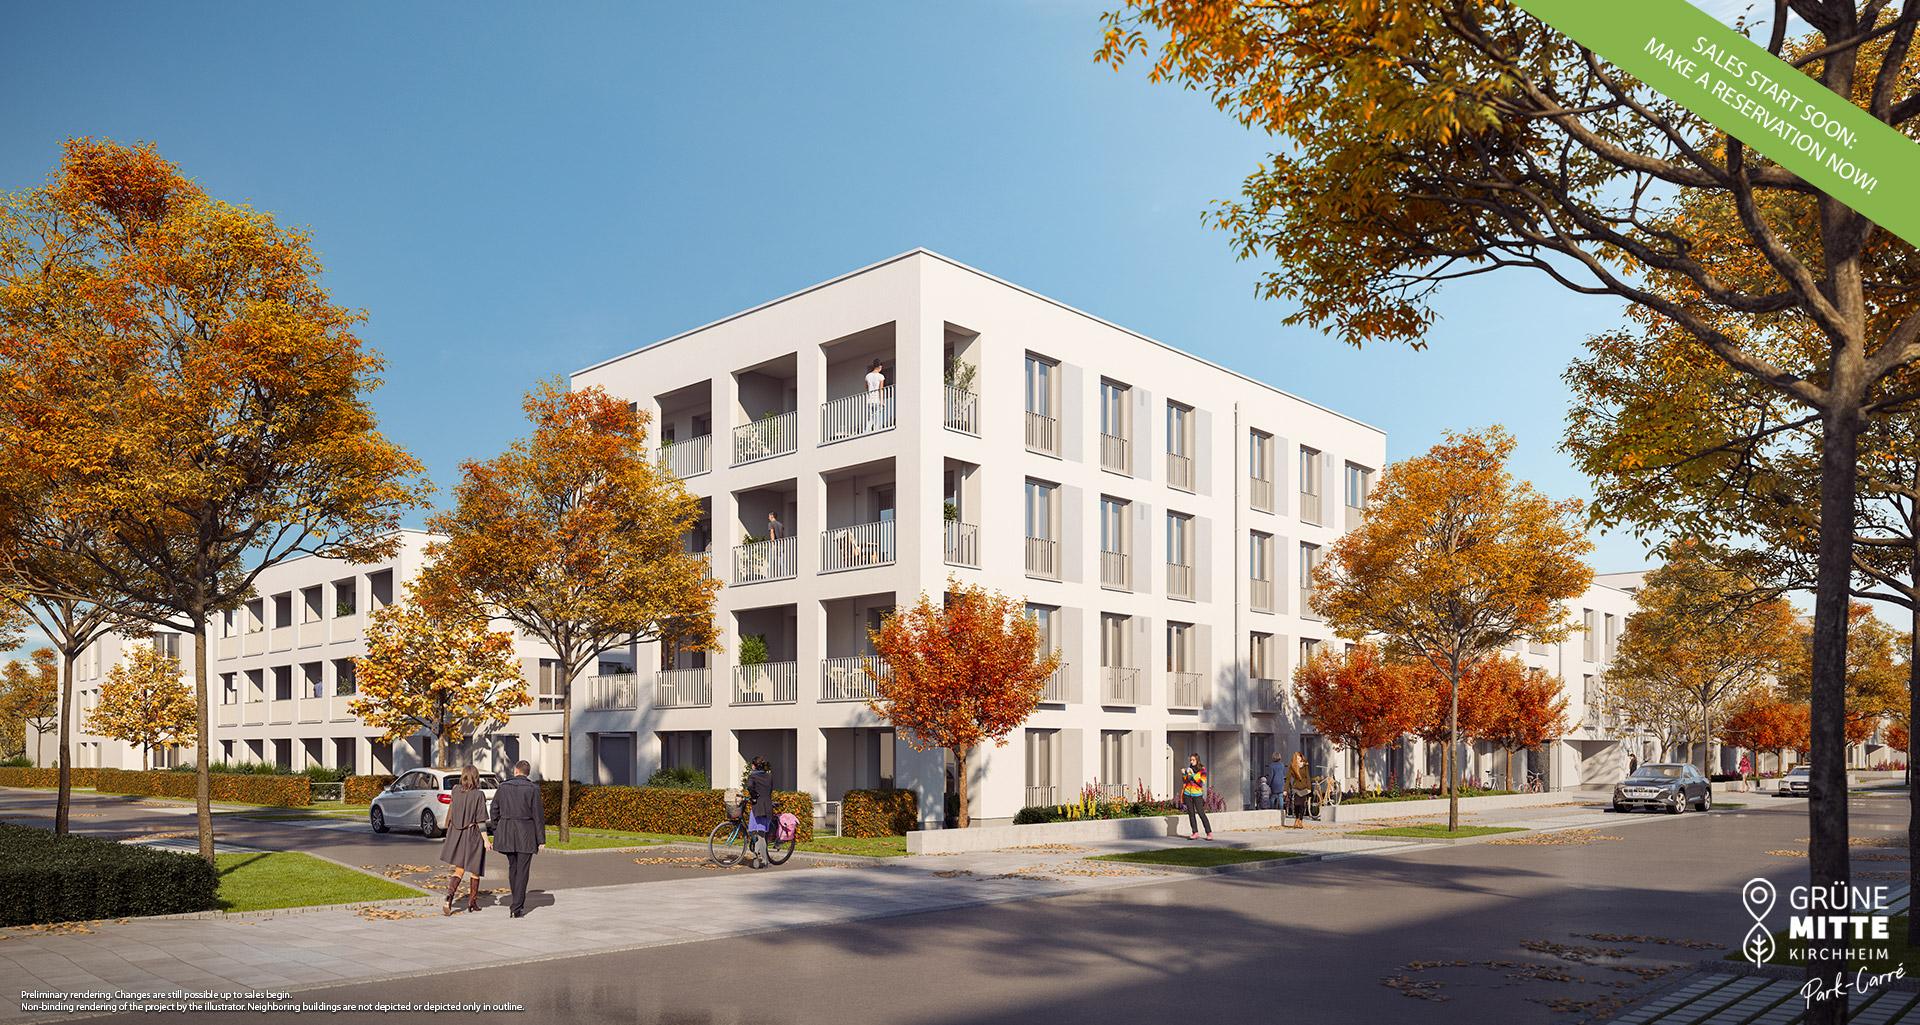 Property Kirchheim near Munich: Gruene Mitte Kirchheim - Park-Carré